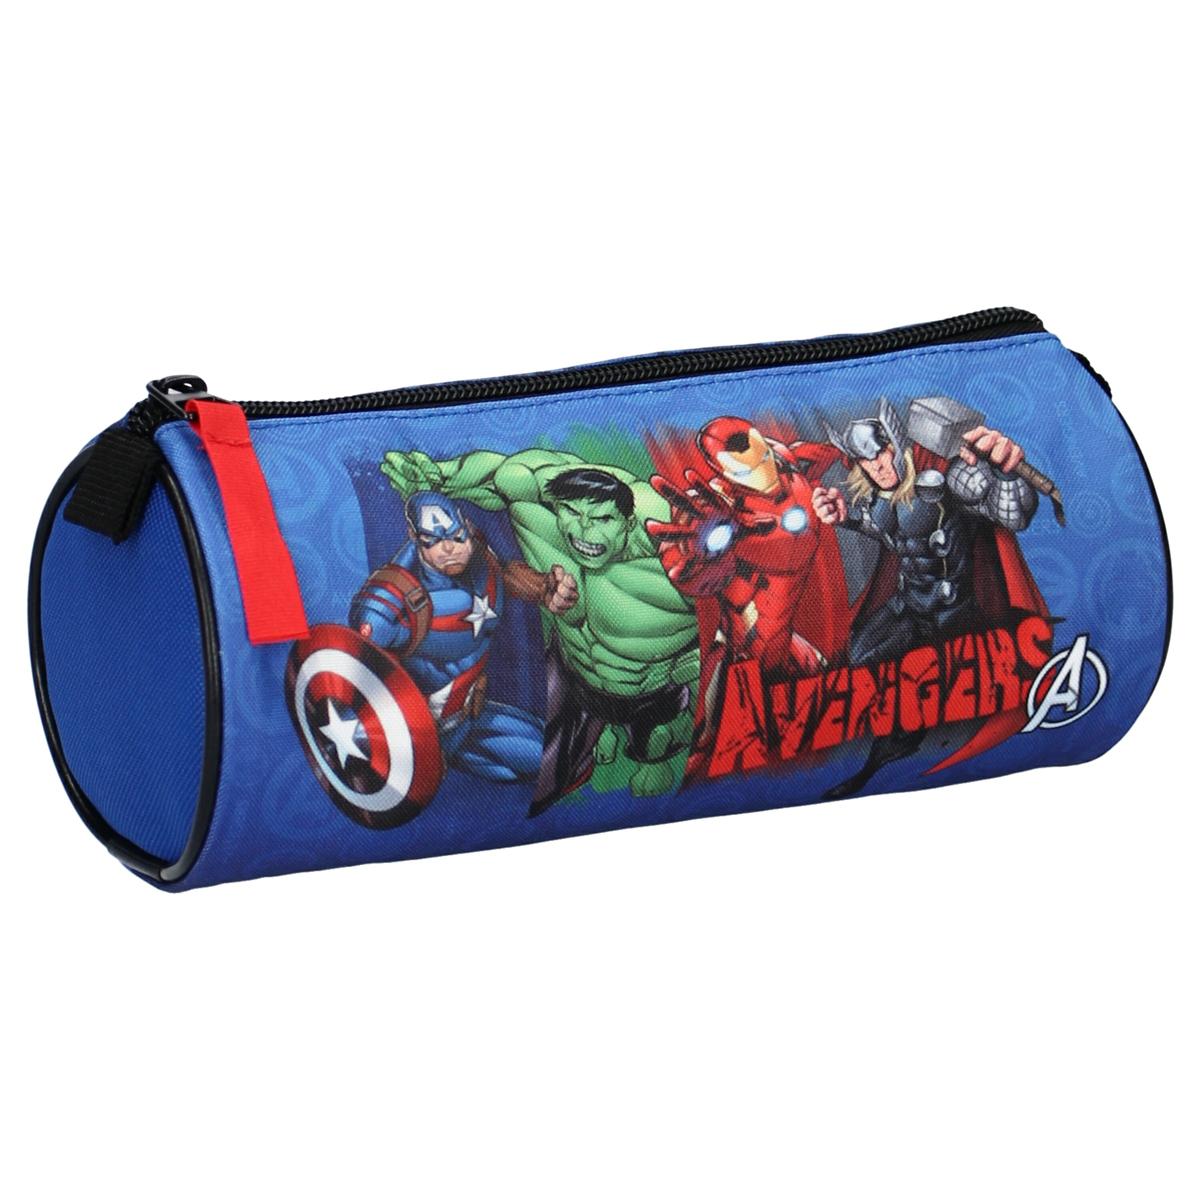 Trousse tube \'Avengers\' bleu multicolore - 20x7 cm - [A3033]